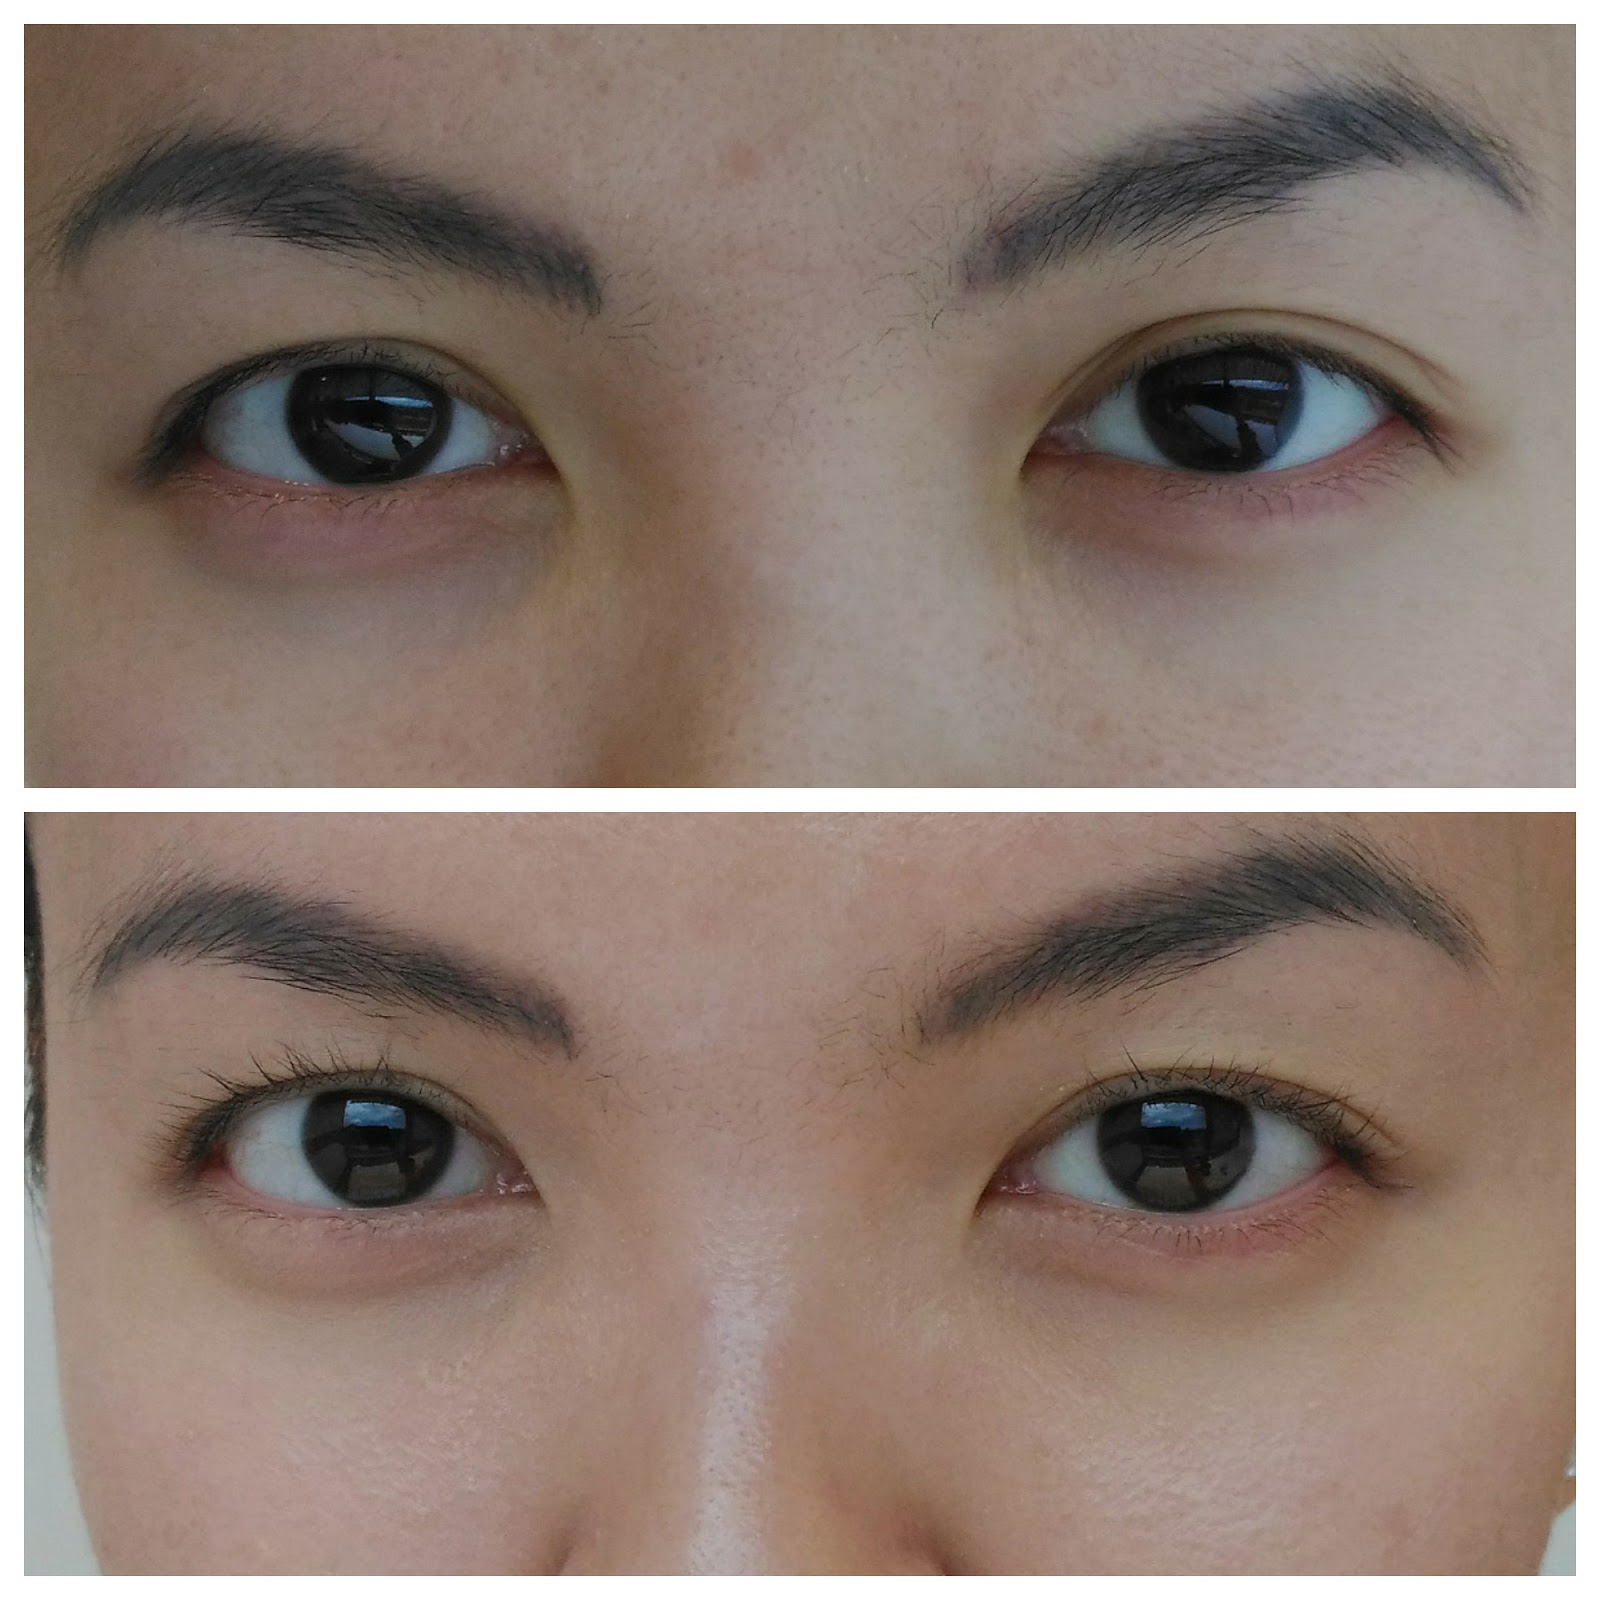 قبل و بعد استخدام كريم العين